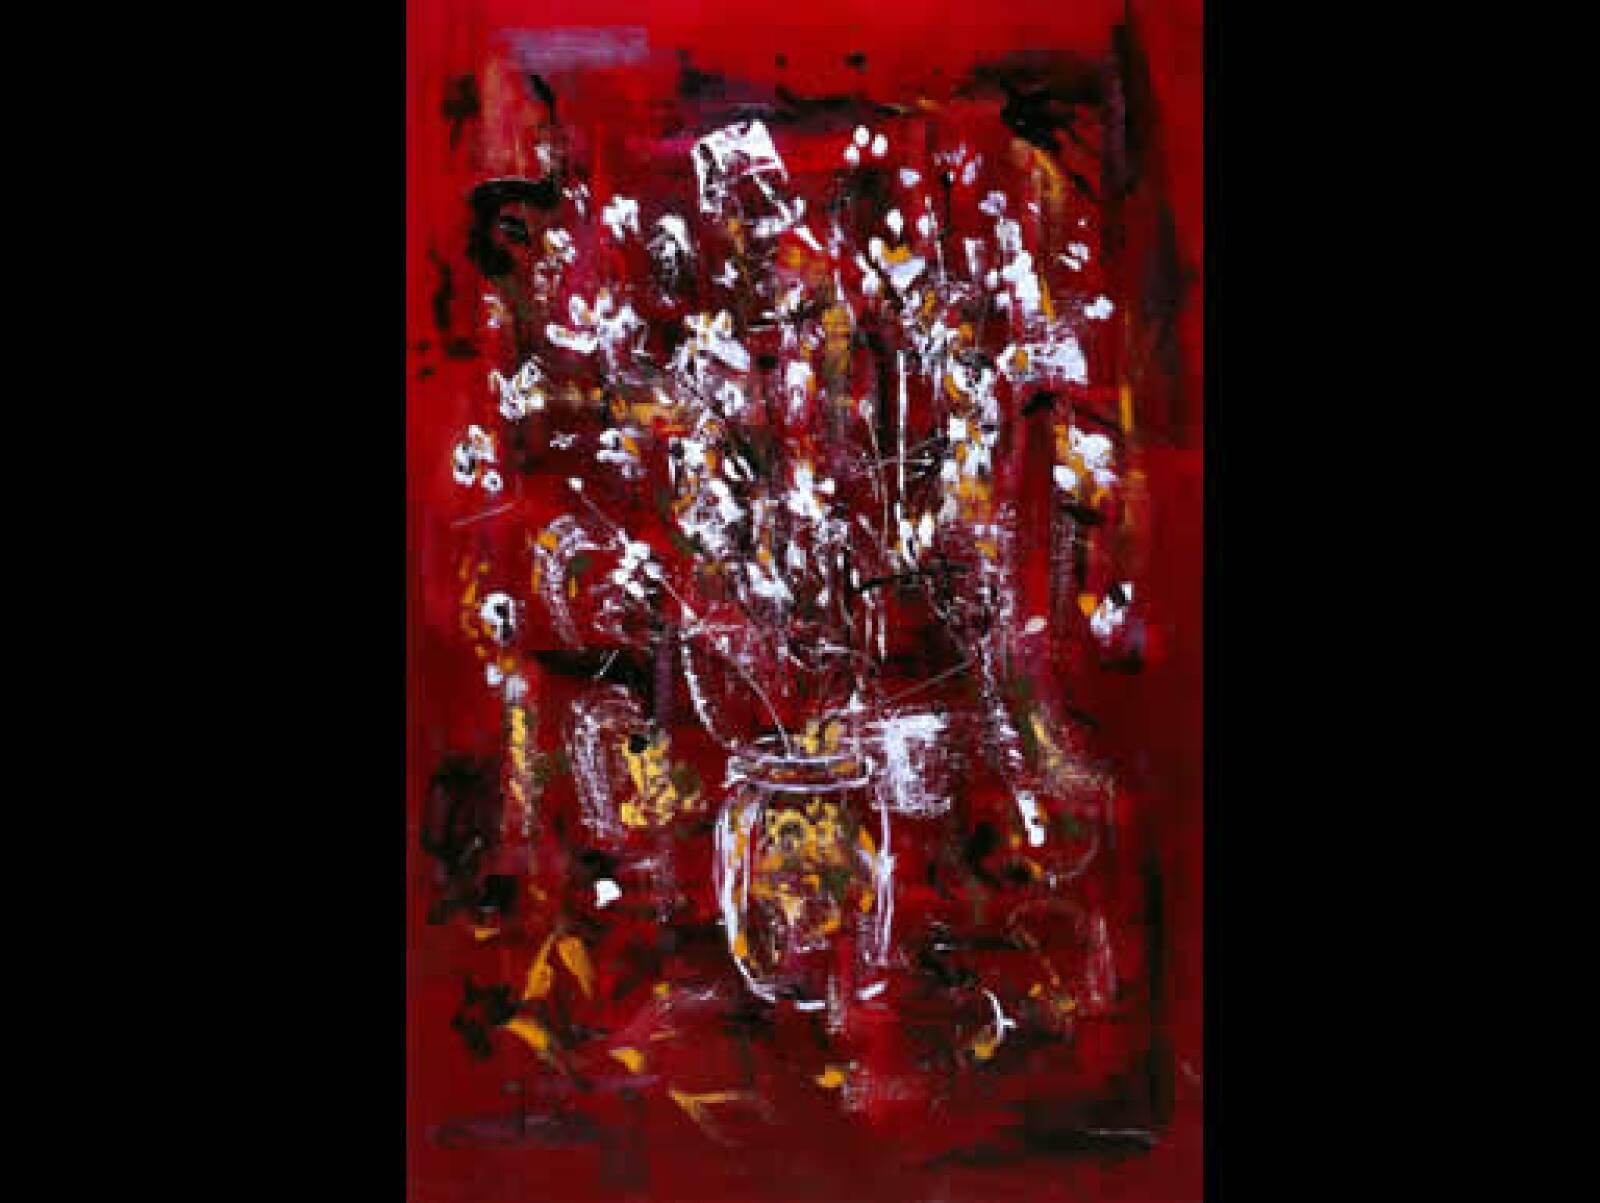 """Manuel Felguérez cree que Martí """"posee ya un oficio inicial. """"Florero"""", 2003, acrílico sobre tela, 1.20 x .80 m"""